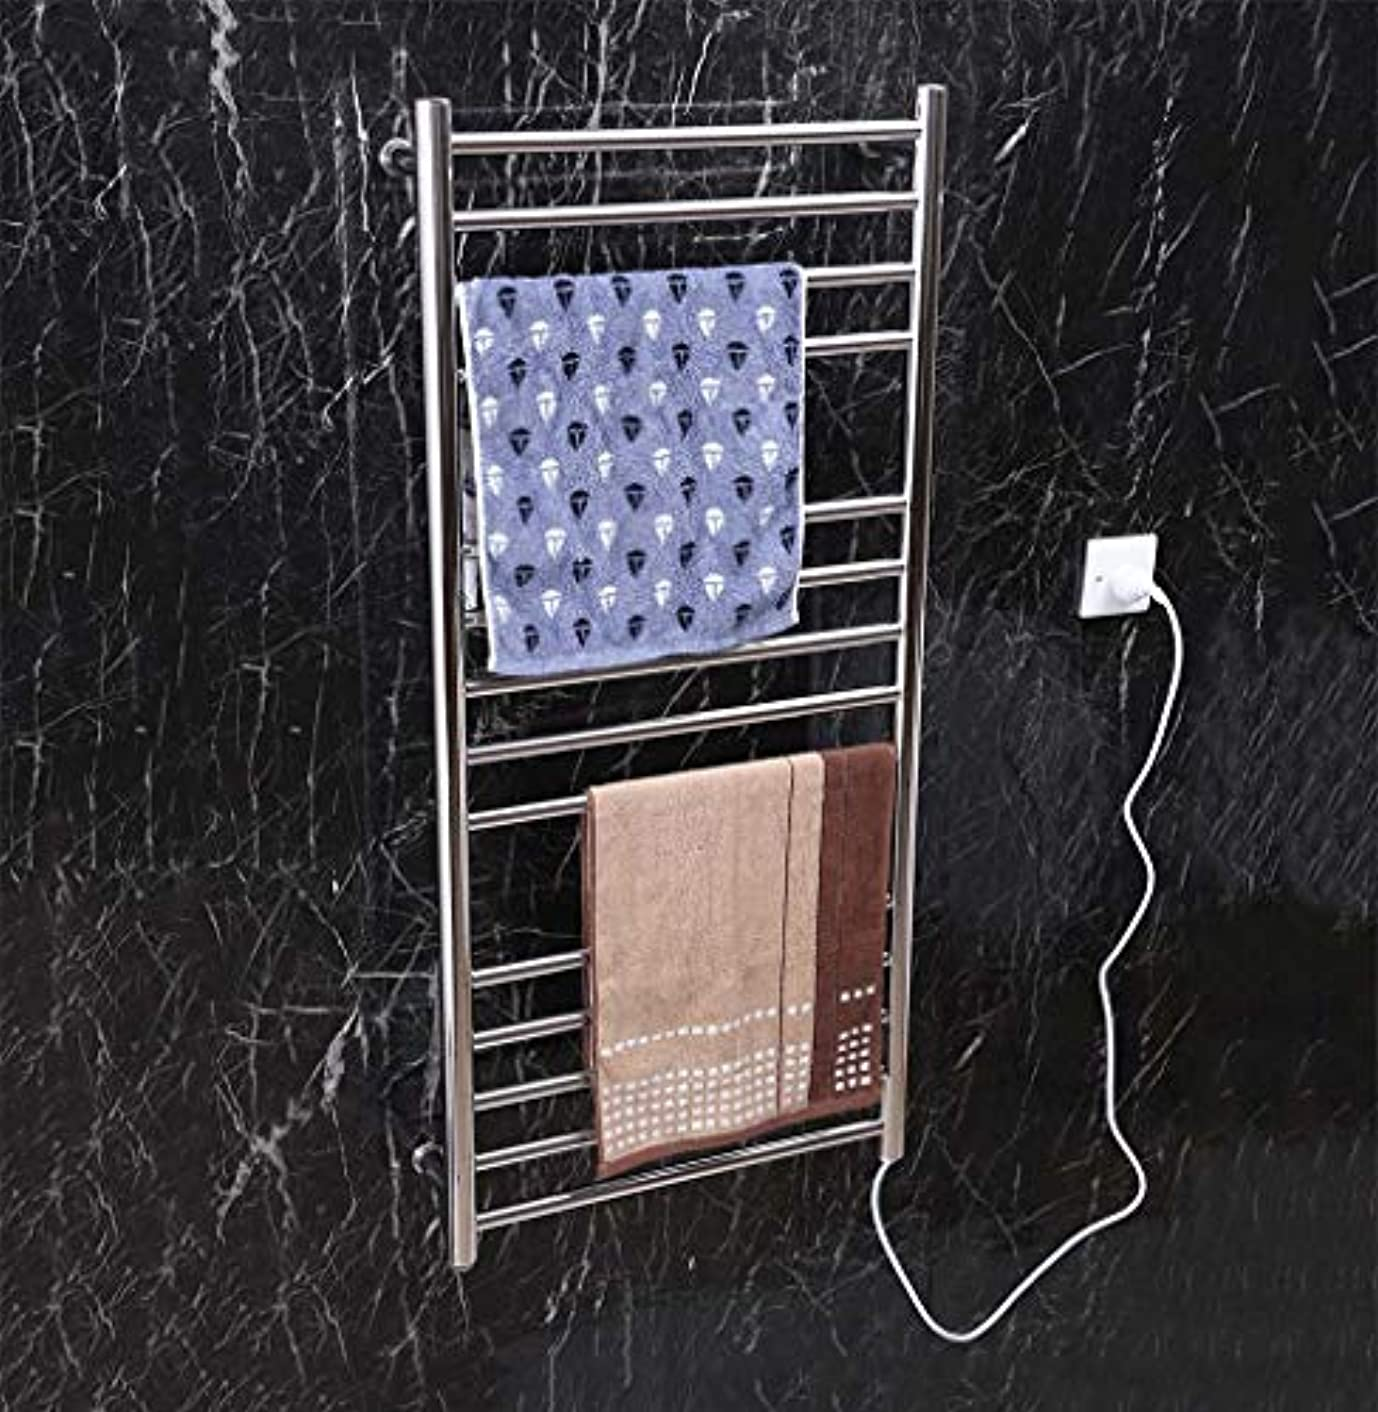 死傷者感嘆霧スマート電気タオルウォーマー、304ステンレススチール壁掛け電気タオルラジエーター、家庭用ホテルのバスルームシェルフ、1100X520X120mm